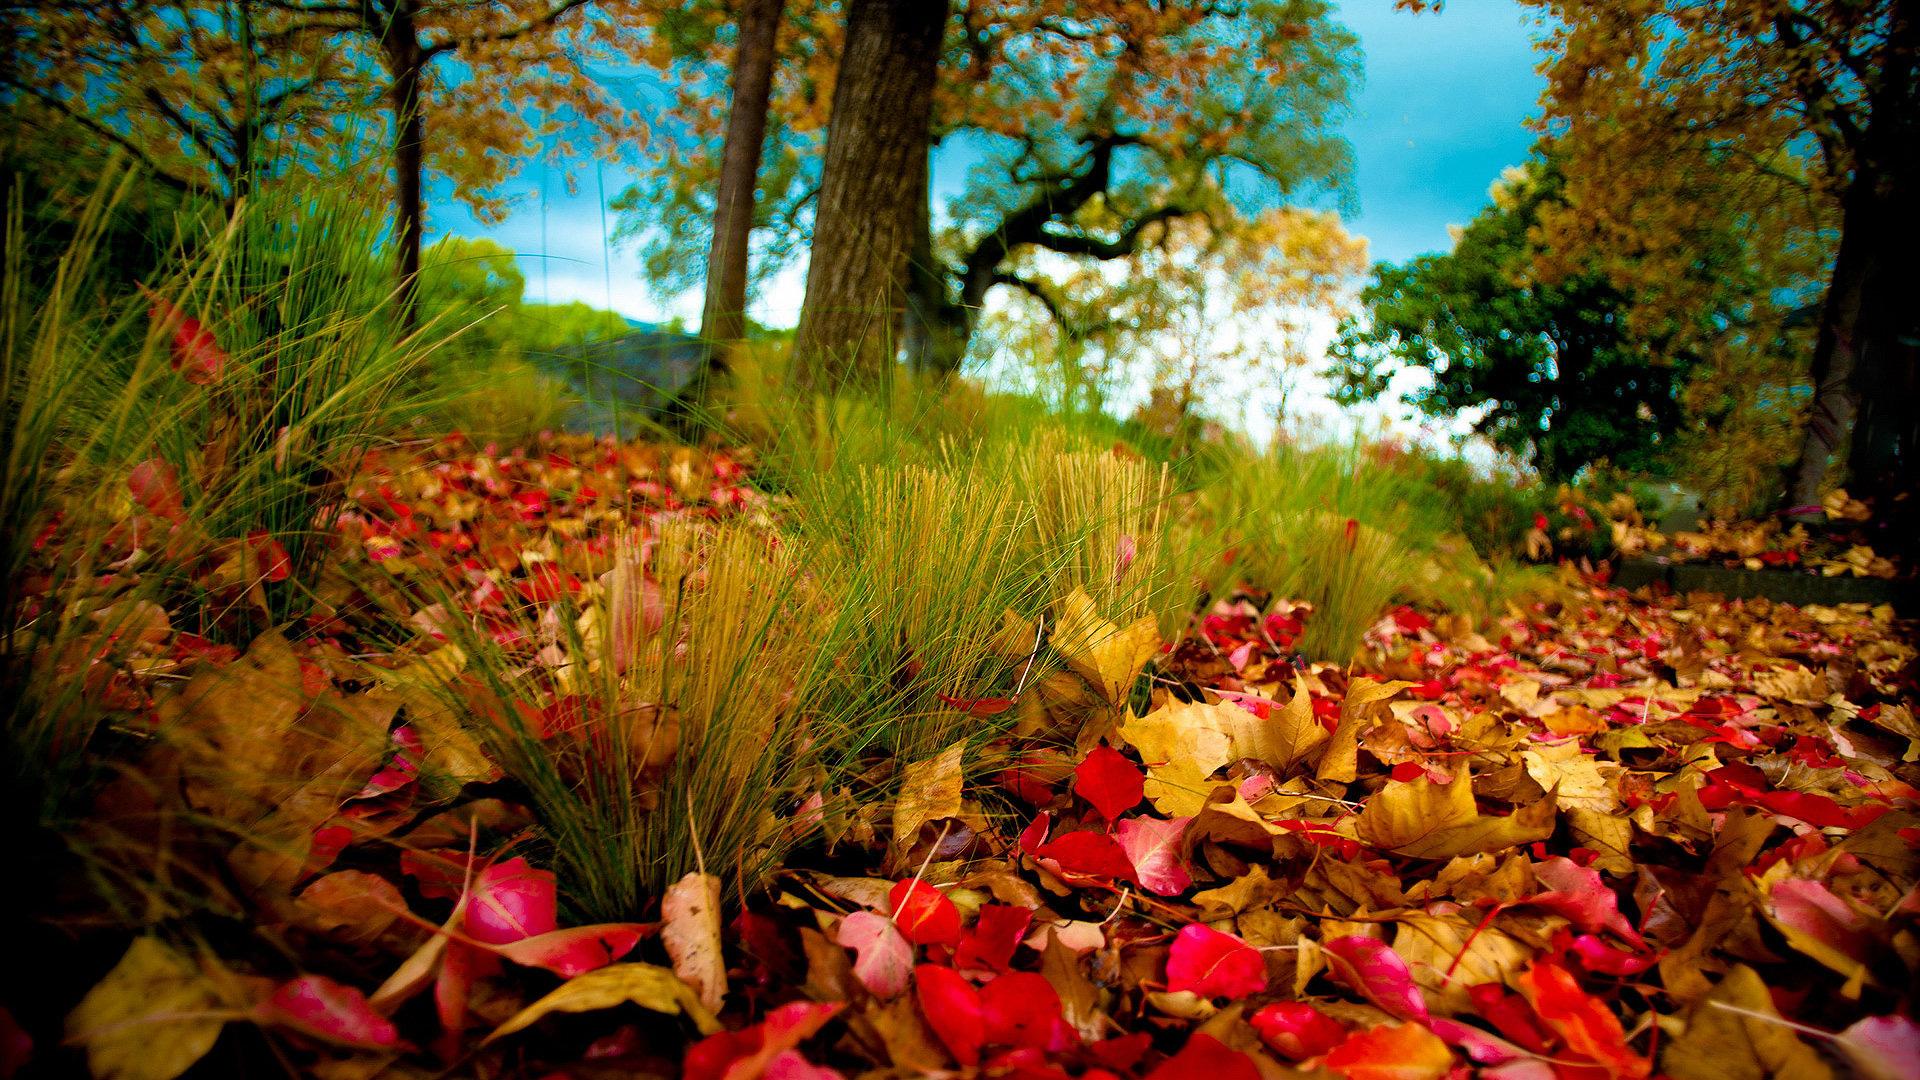 Autumn Colors - 1920x1080 - 16:9